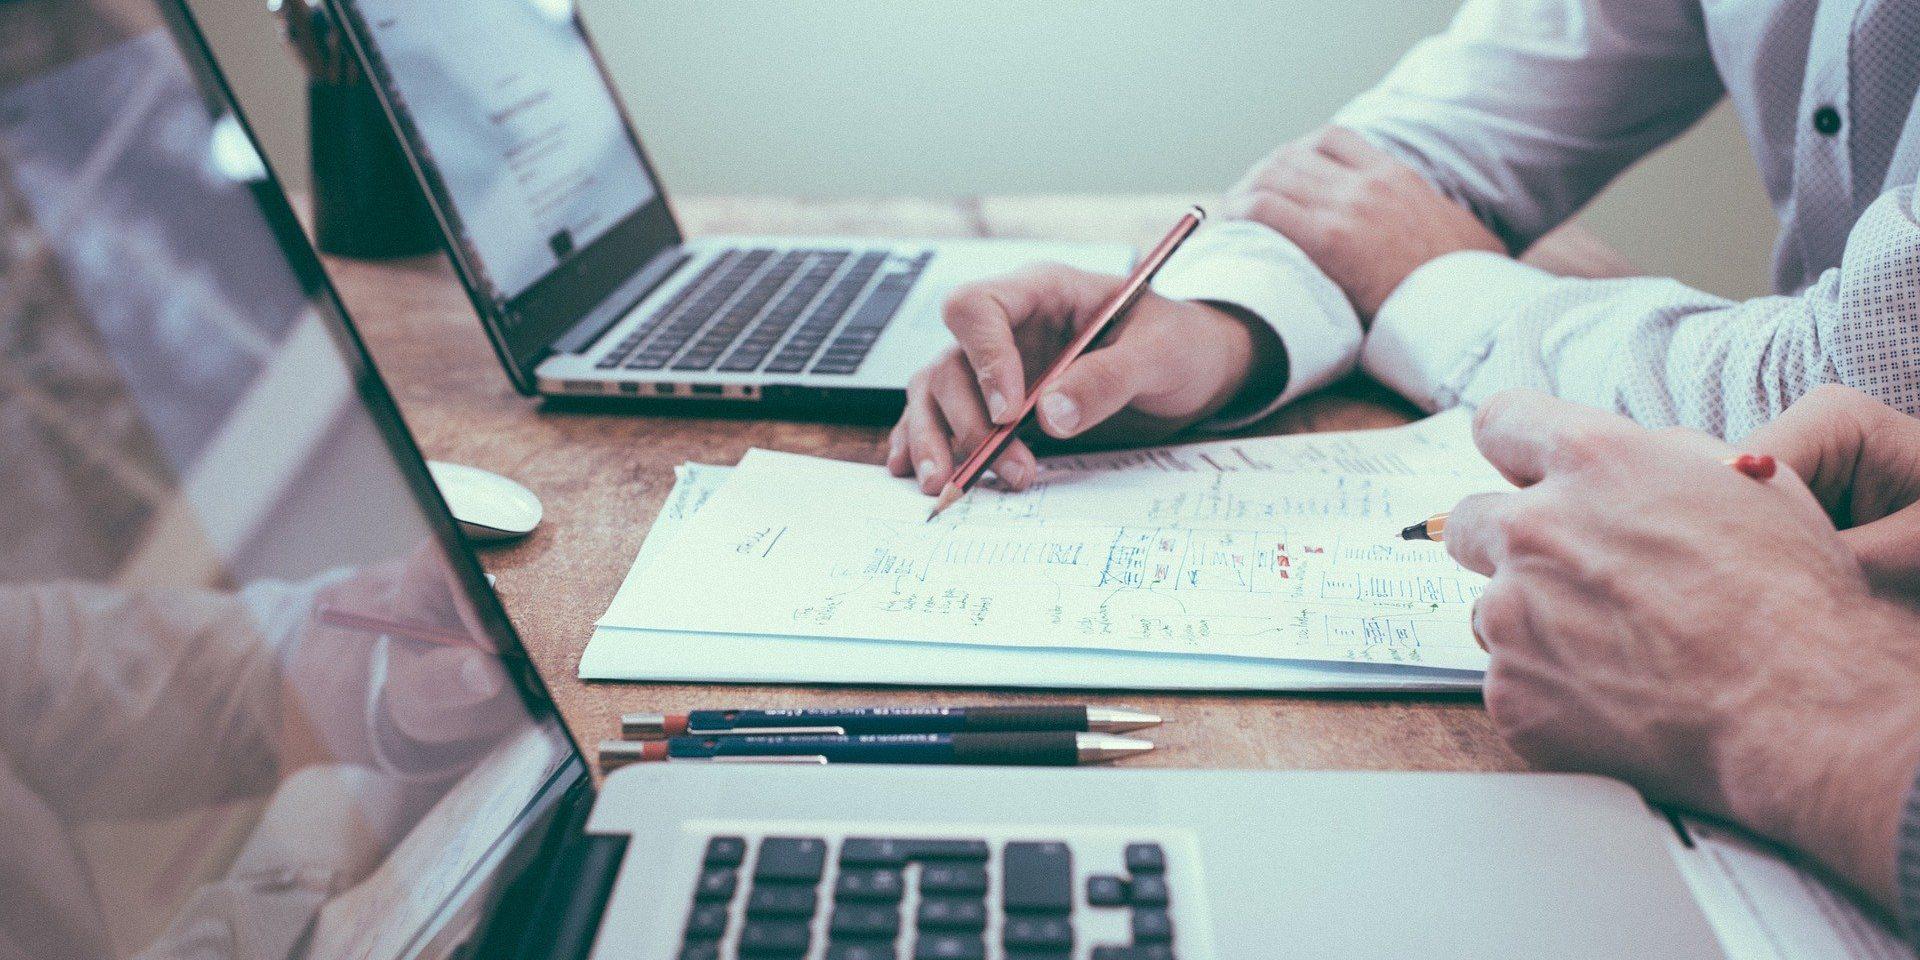 «Норникель» запускает программу онлайн-образования для своих сотрудников